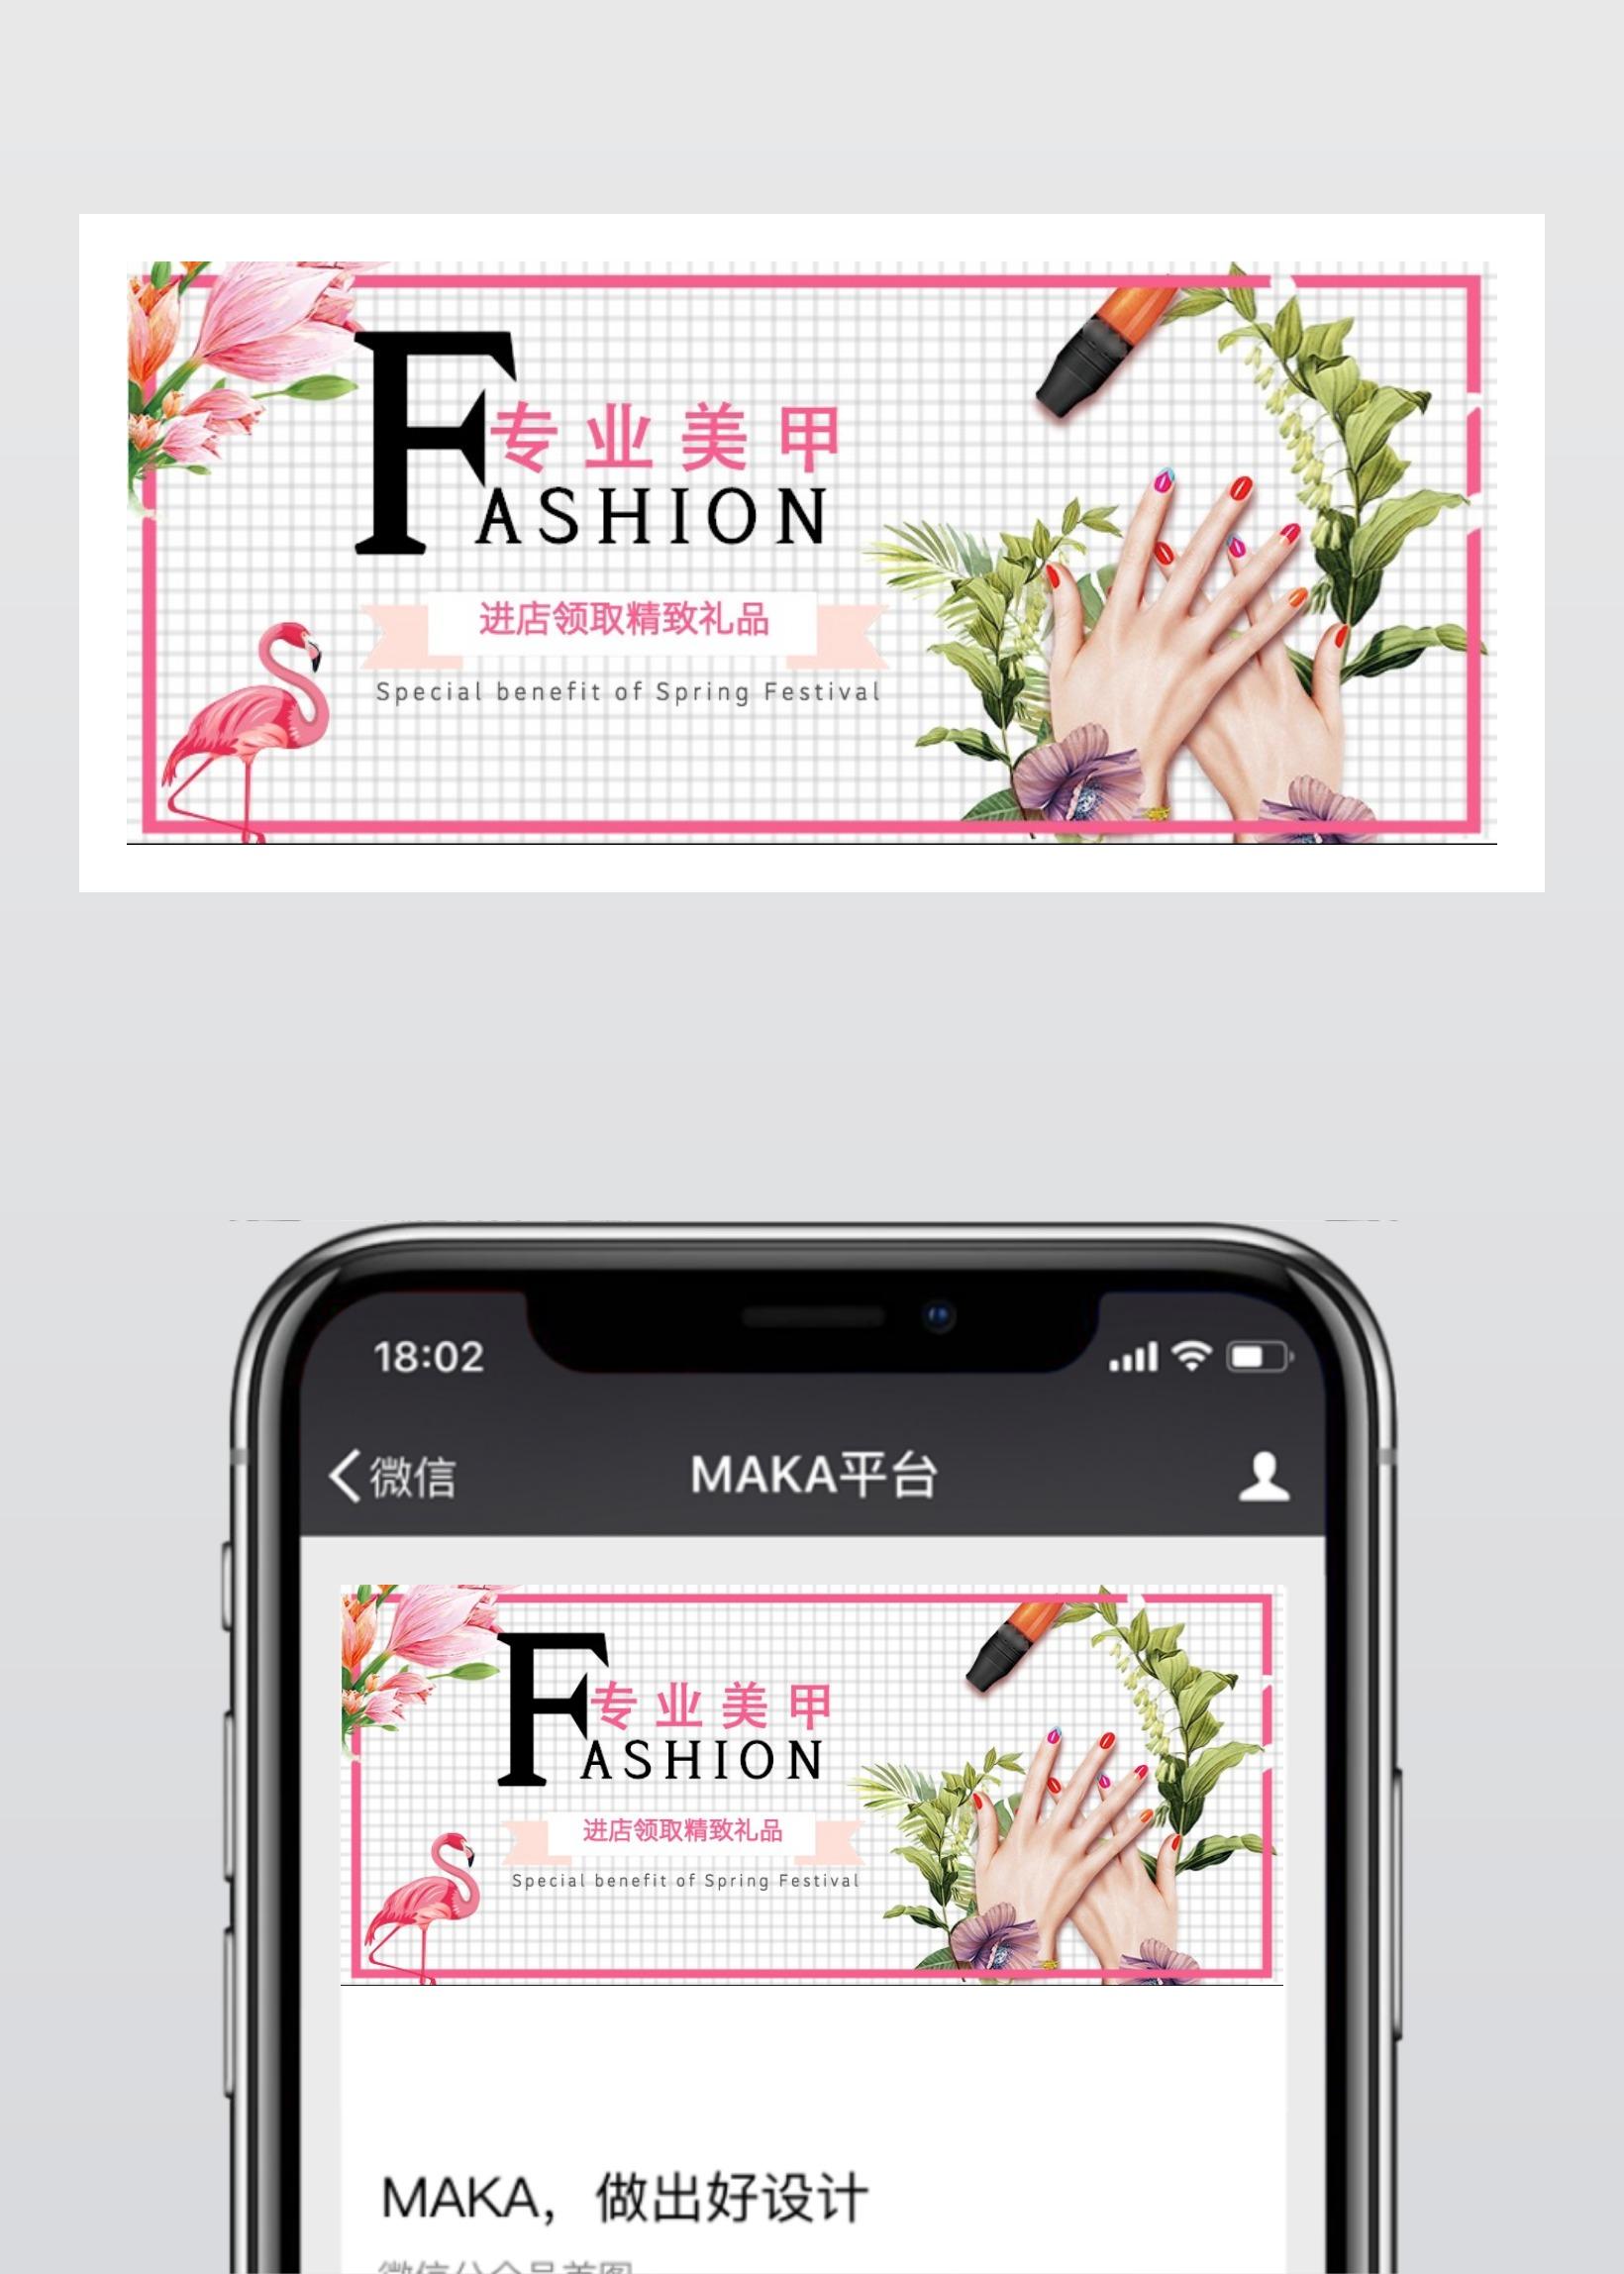 个性时尚风专业美妆指甲油产品促销宣传新版公众号封面图